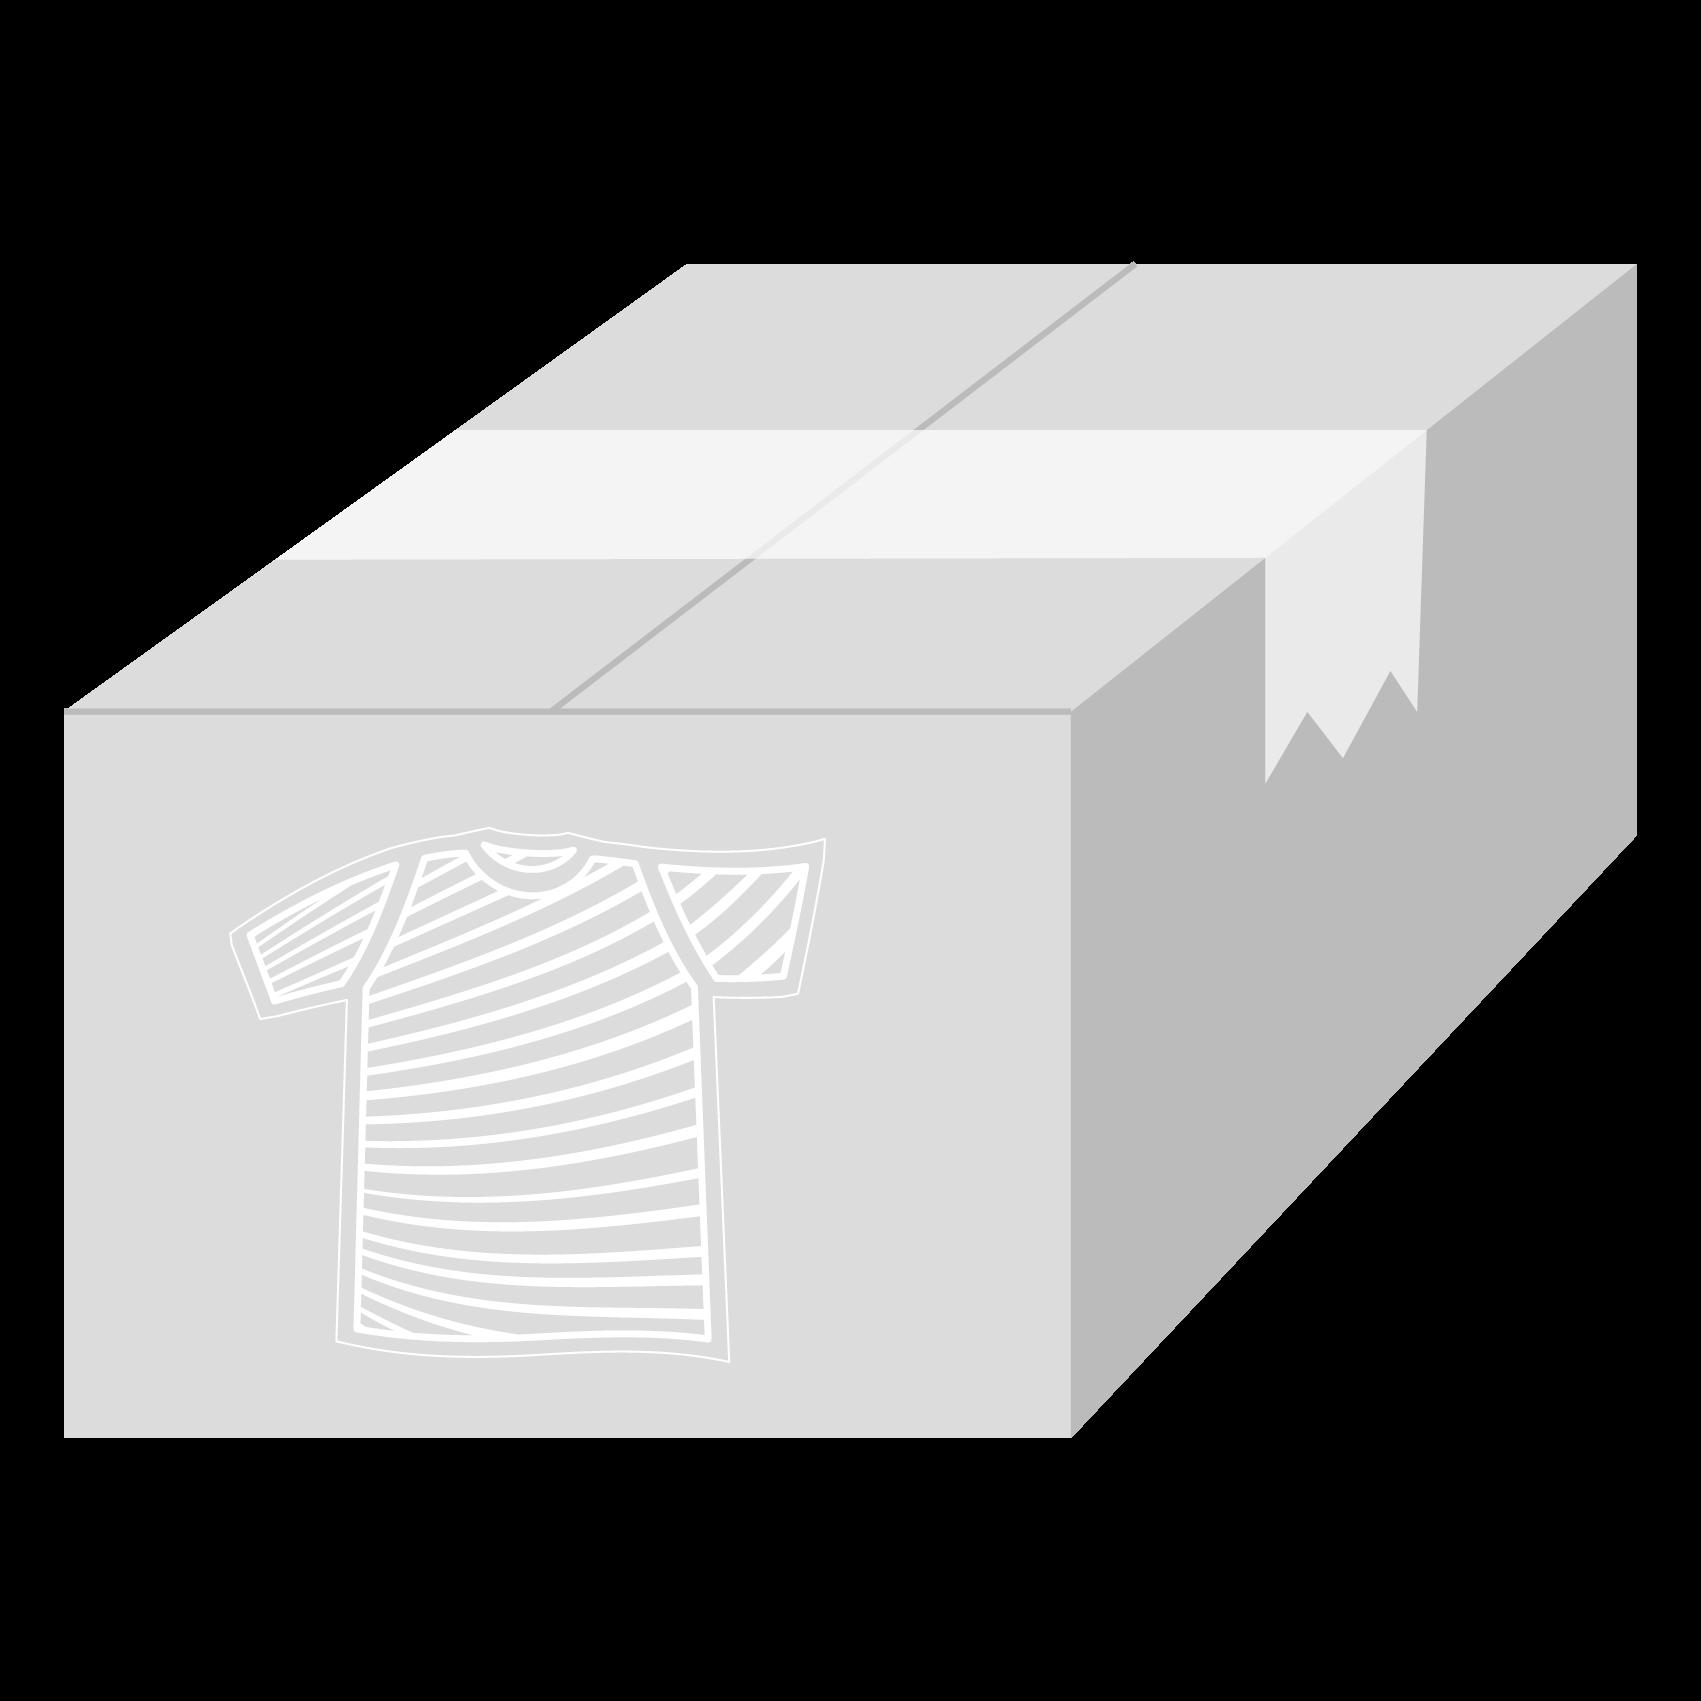 Signaal Bedrijfskleding - Pakketten